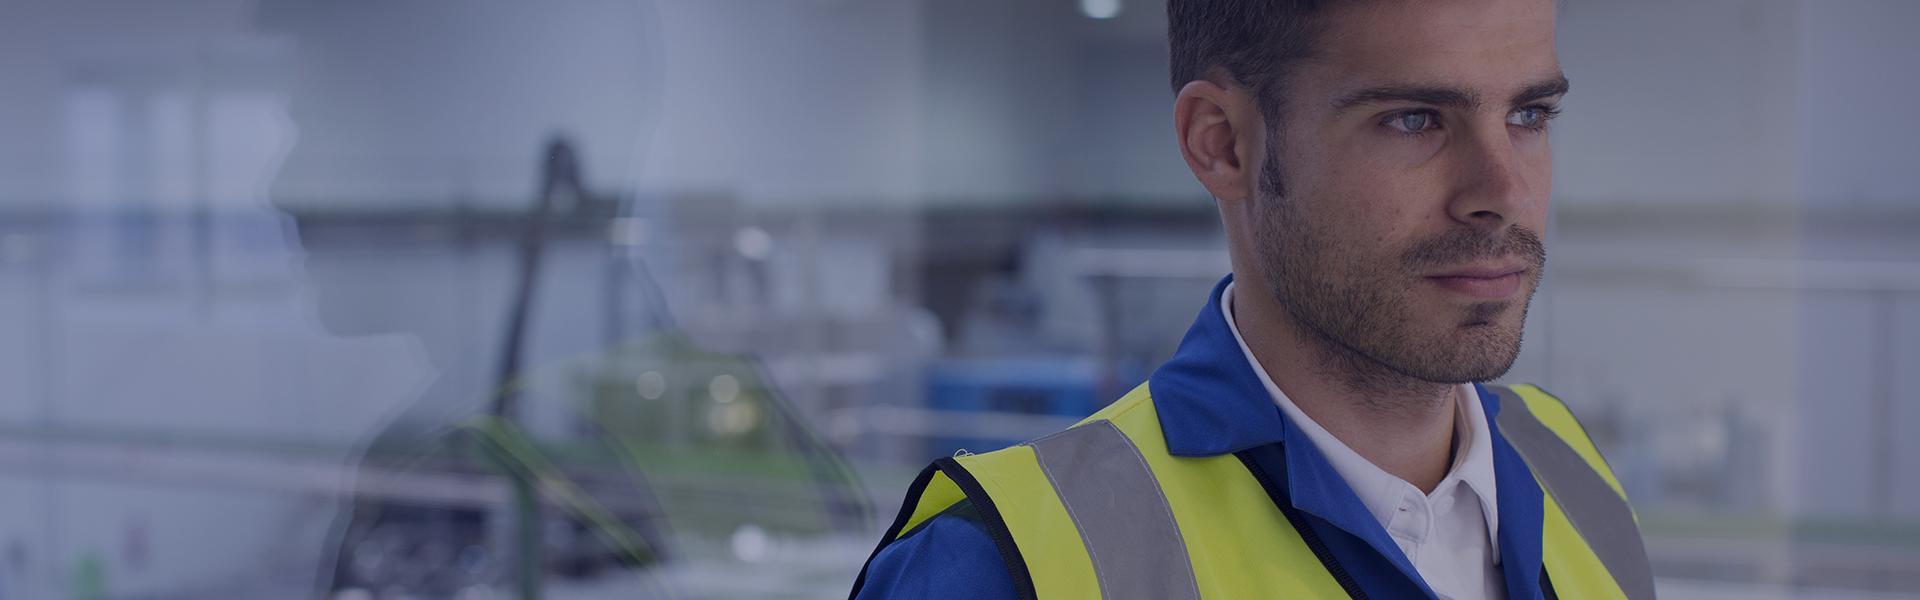 Un homme regarde vers la droite. Il porte un bleu de travail et un gilet jaune.